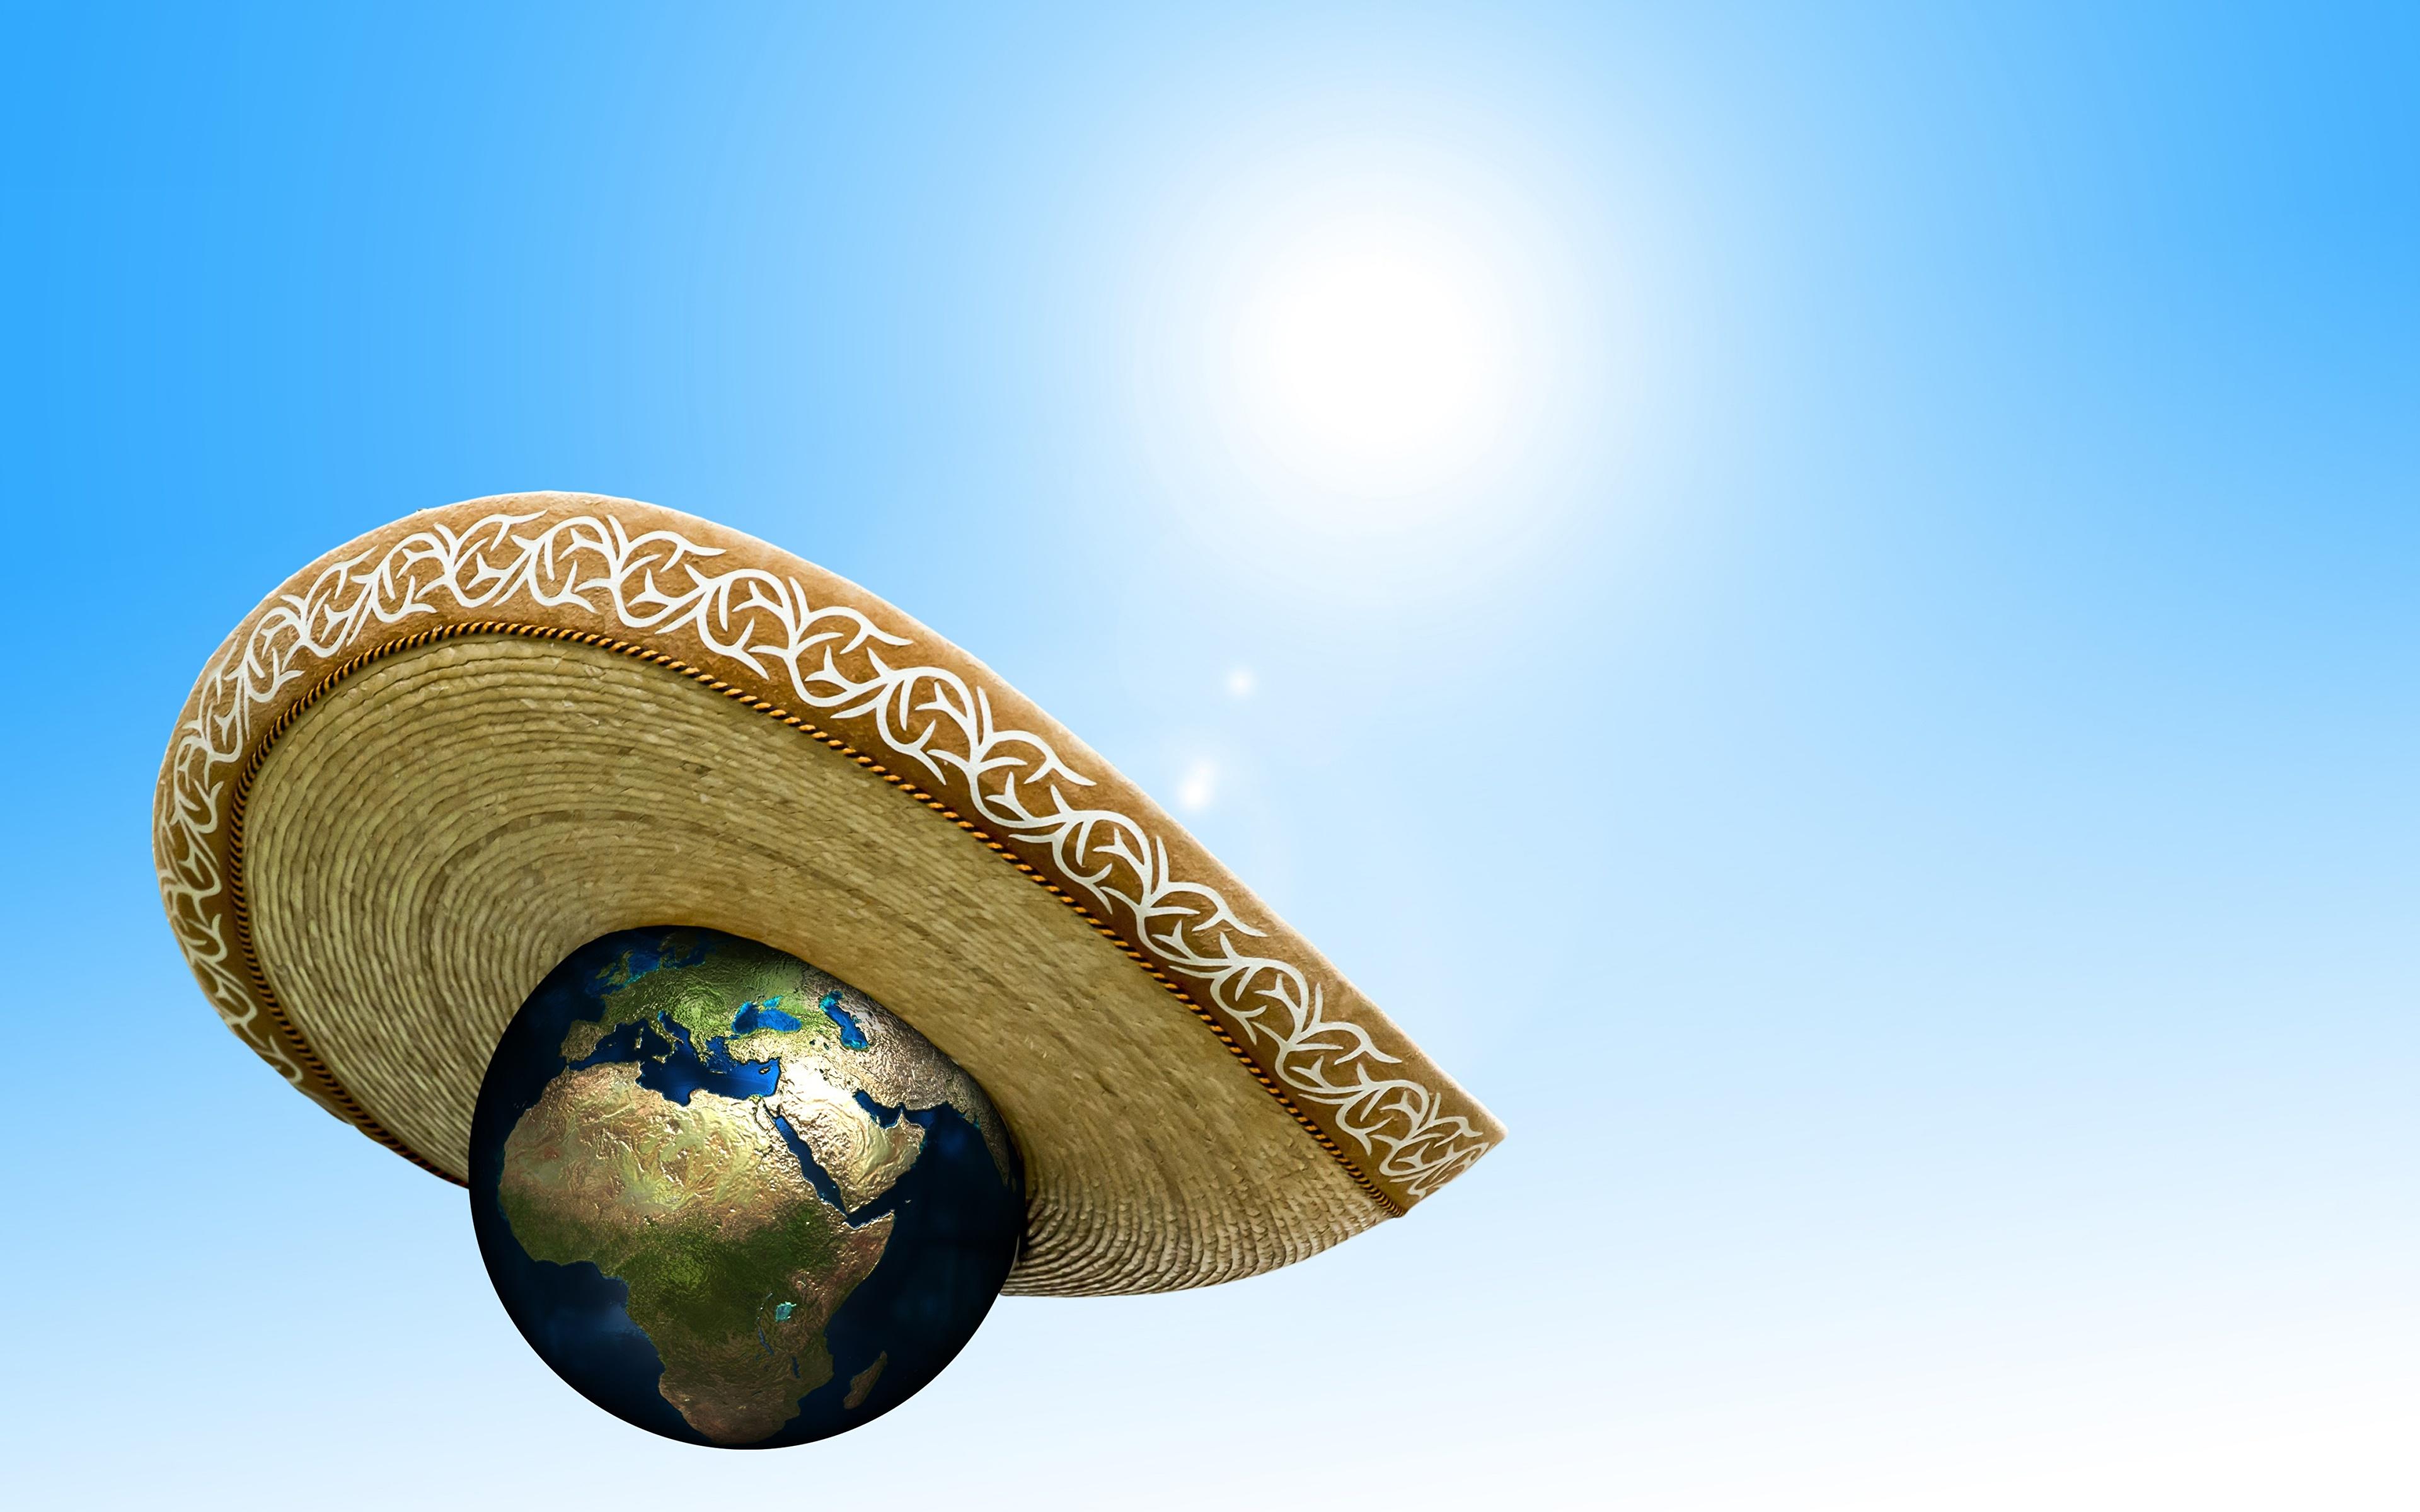 Фотография Земля global warming Шляпа Космос 3840x2400 земли шляпы шляпе